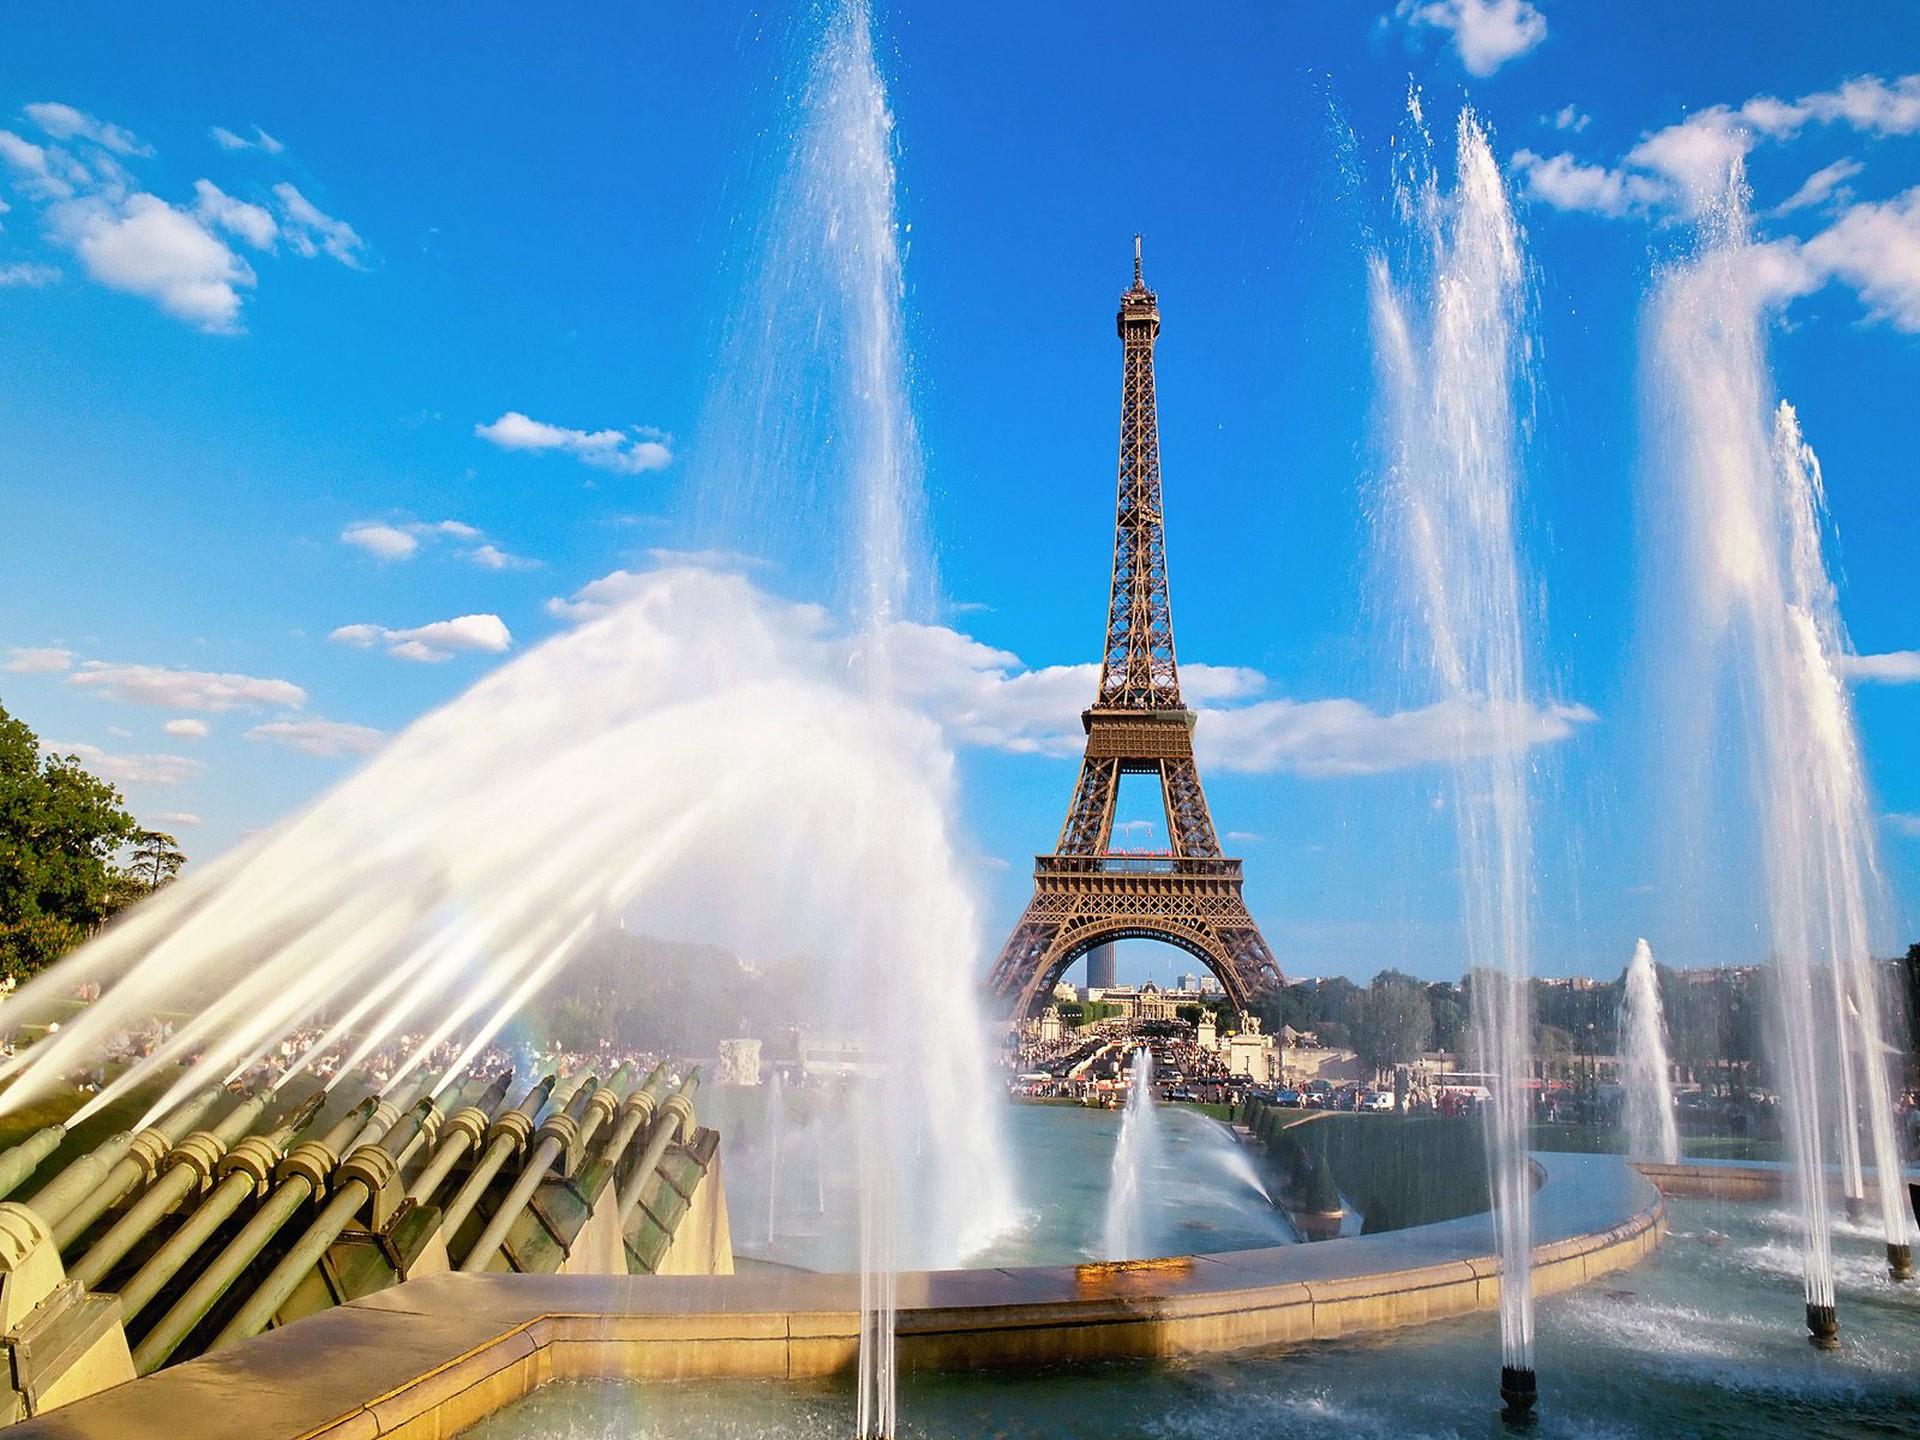 Francie - Paříž - Eiffelova věž